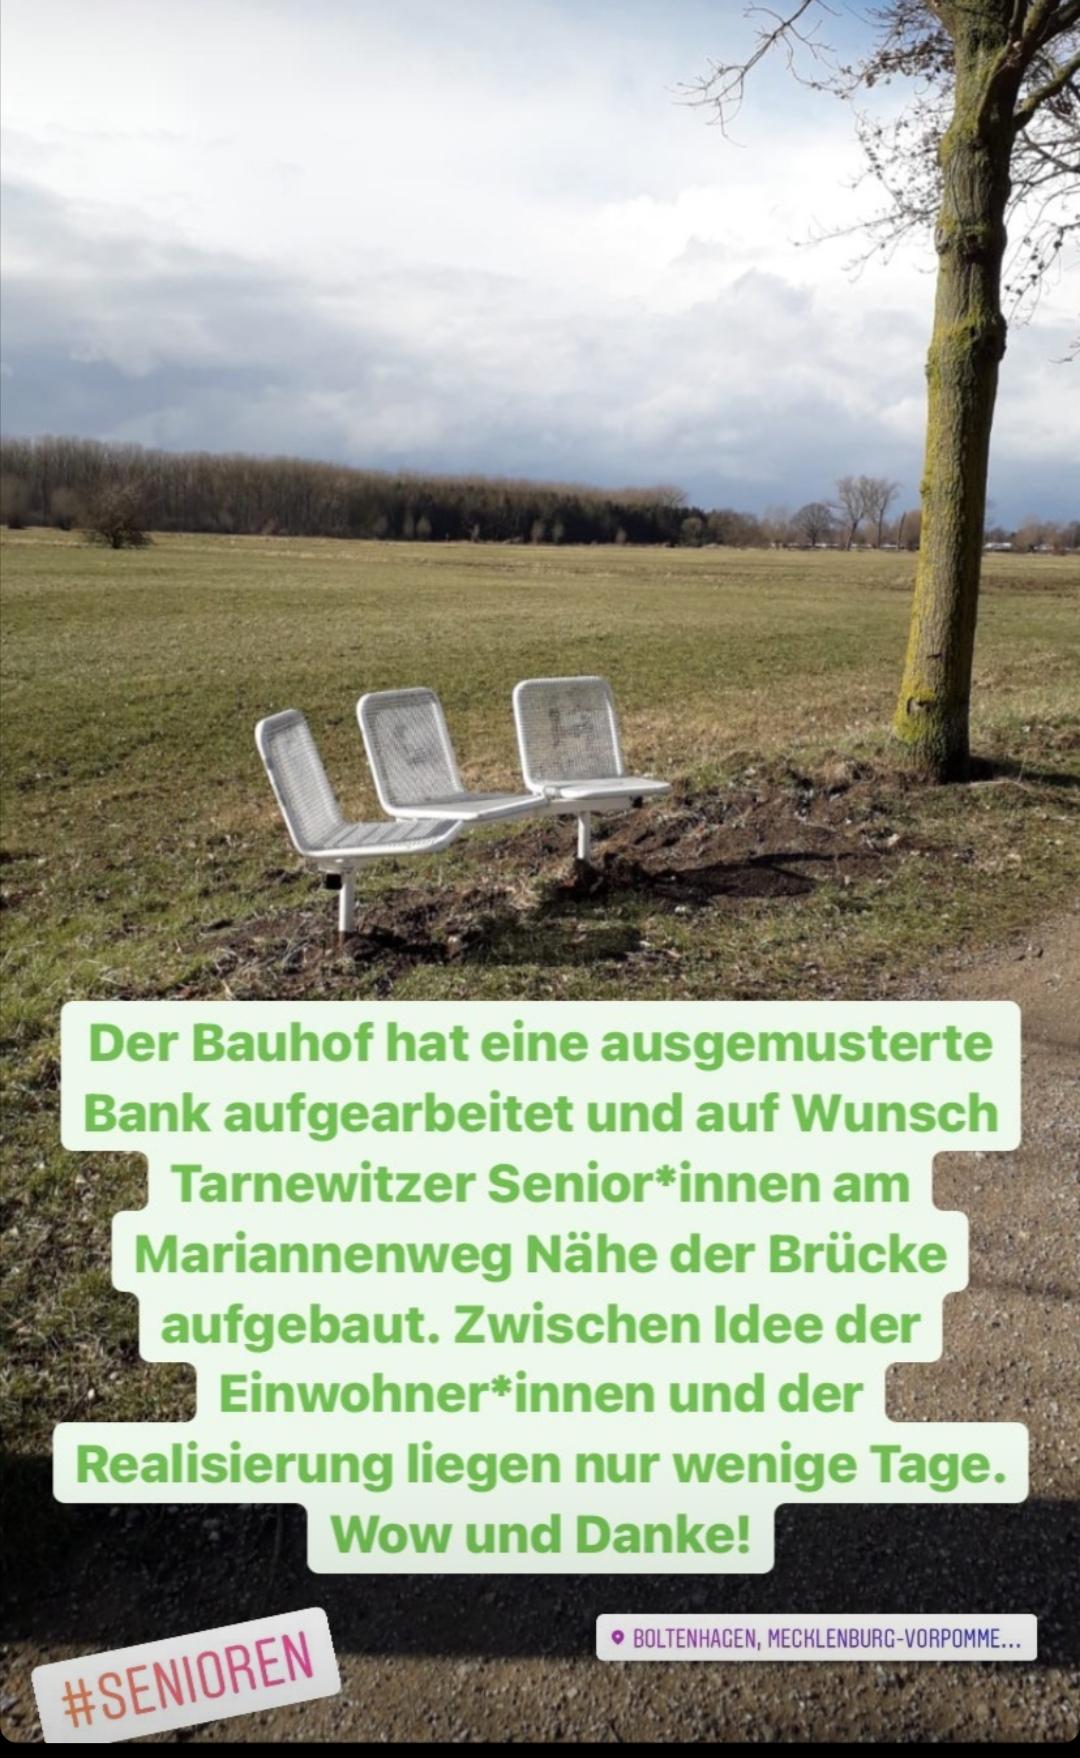 Auf Wunsch Tarnewitzer Senior*innen sind nun Bänke am Mariannenweg